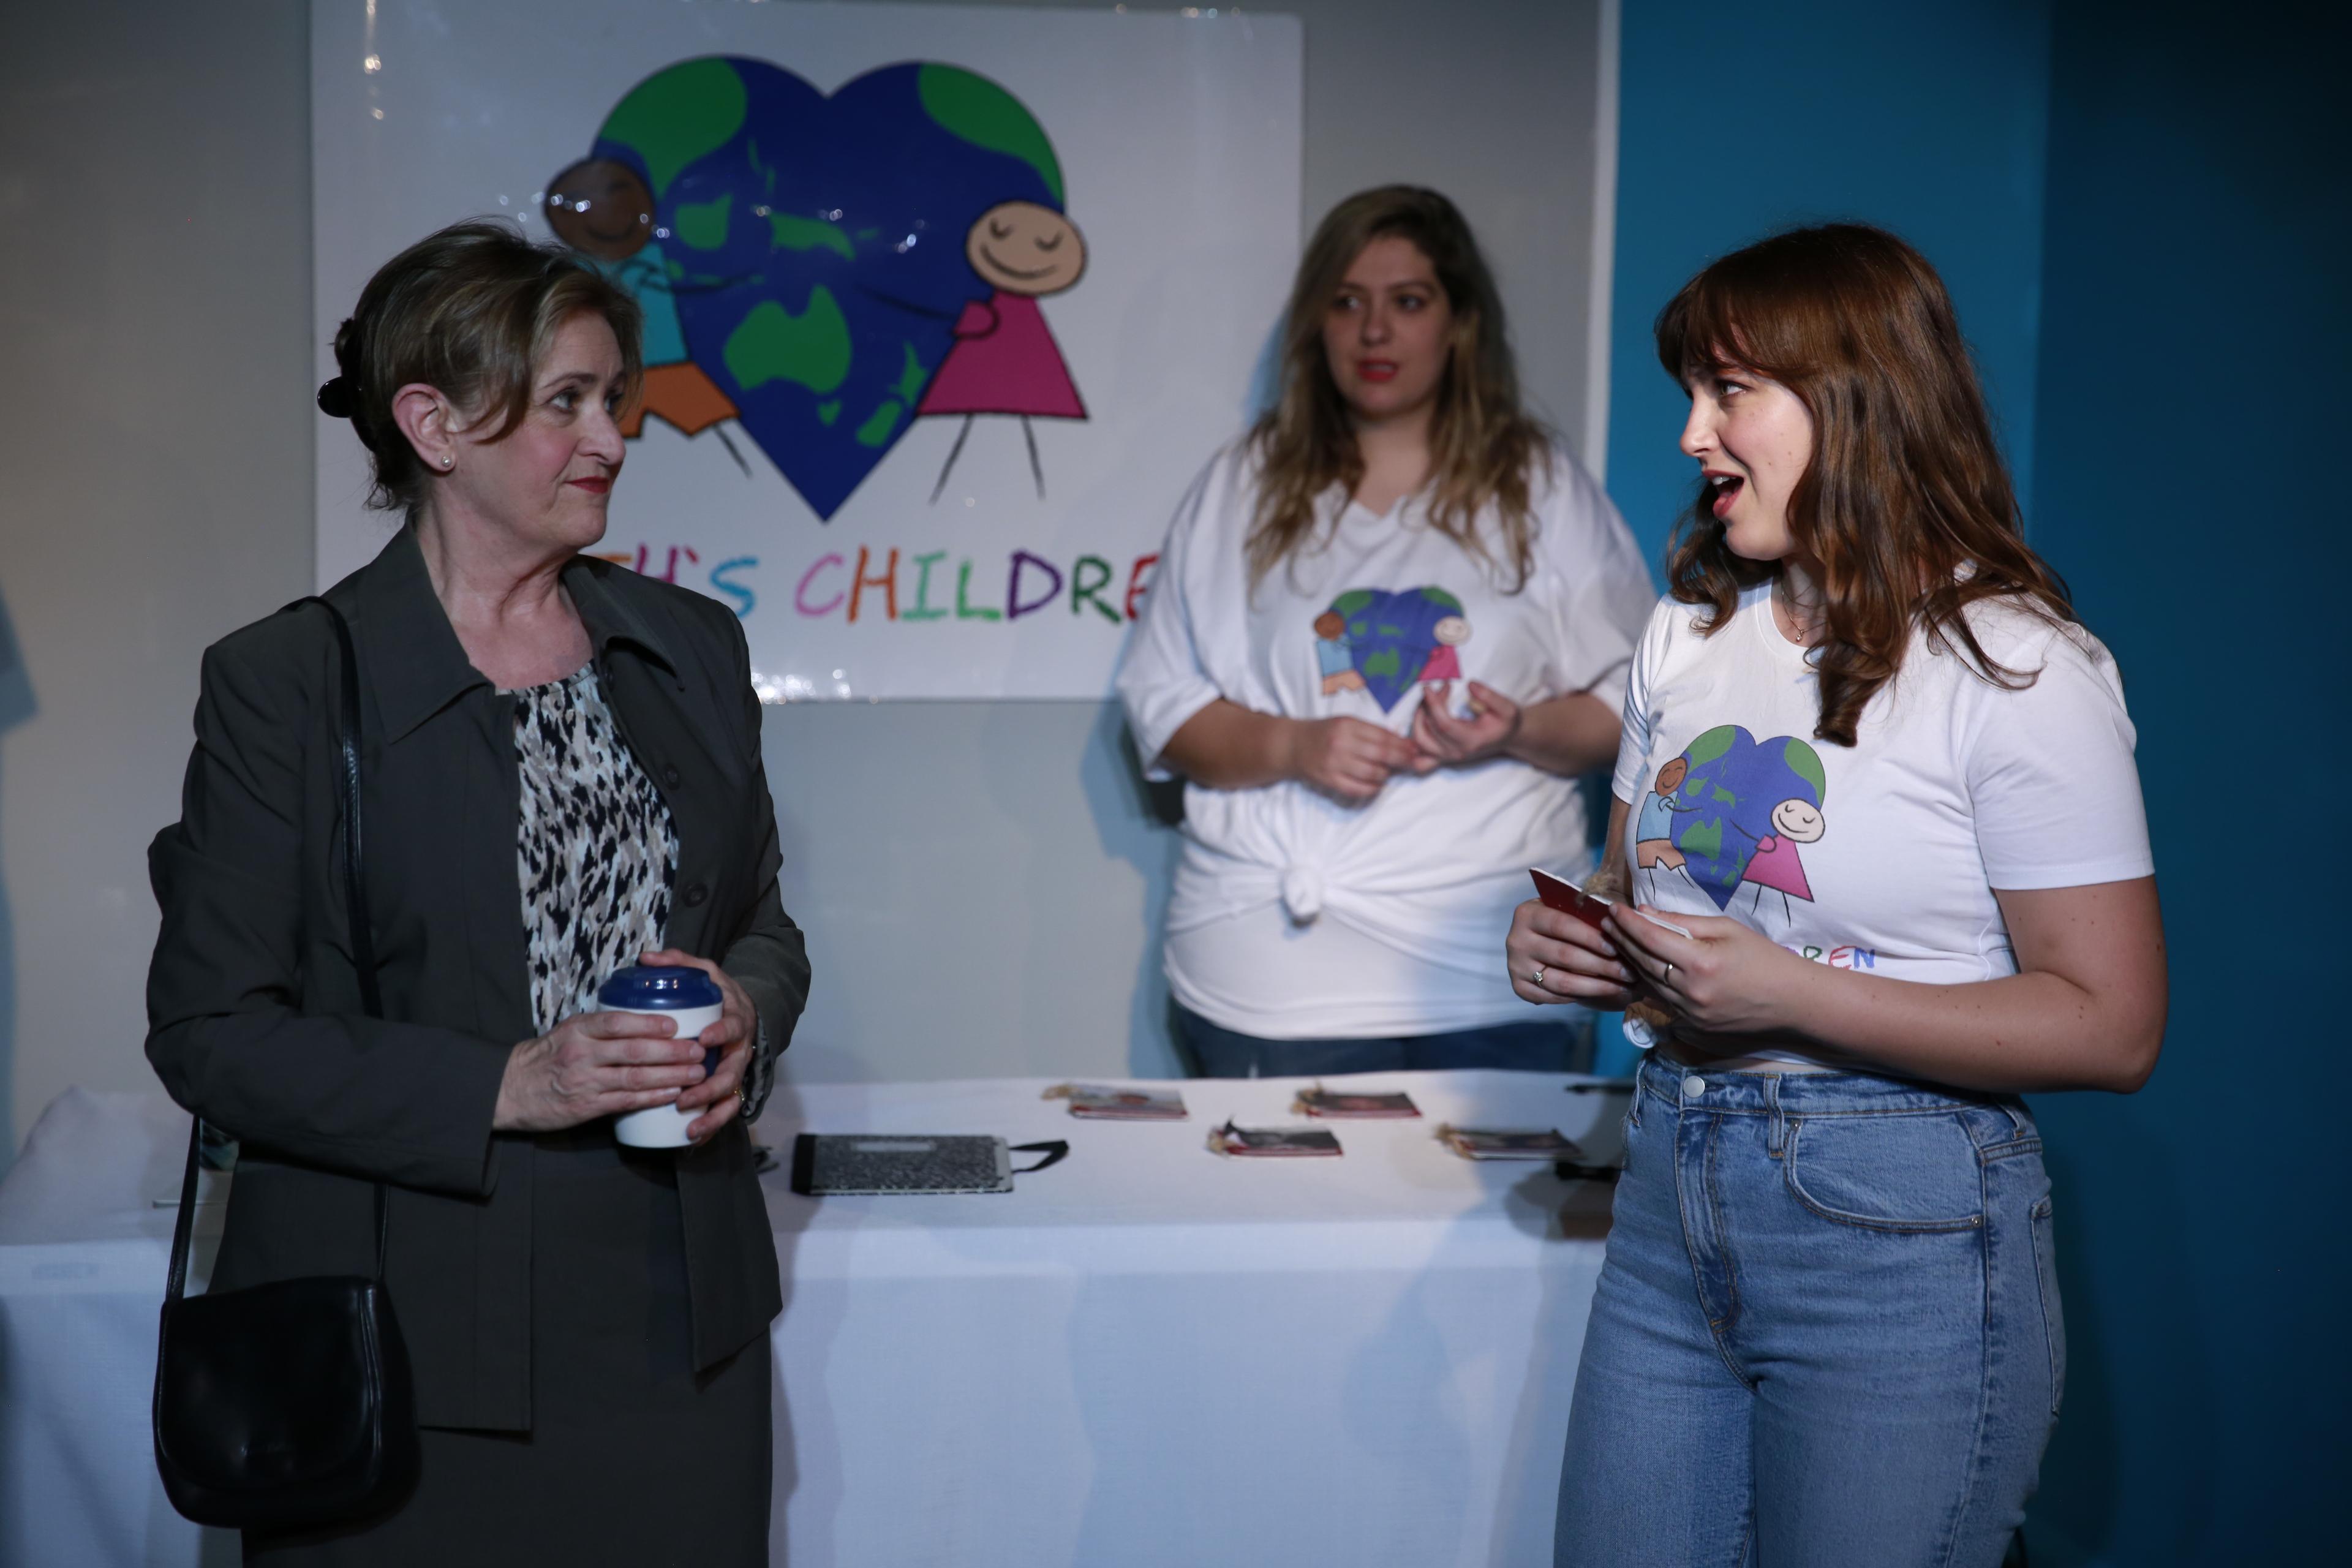 Susan Jordan, Barbara Papathanasopoulos & Skye Beker. Photo by Sam Lax